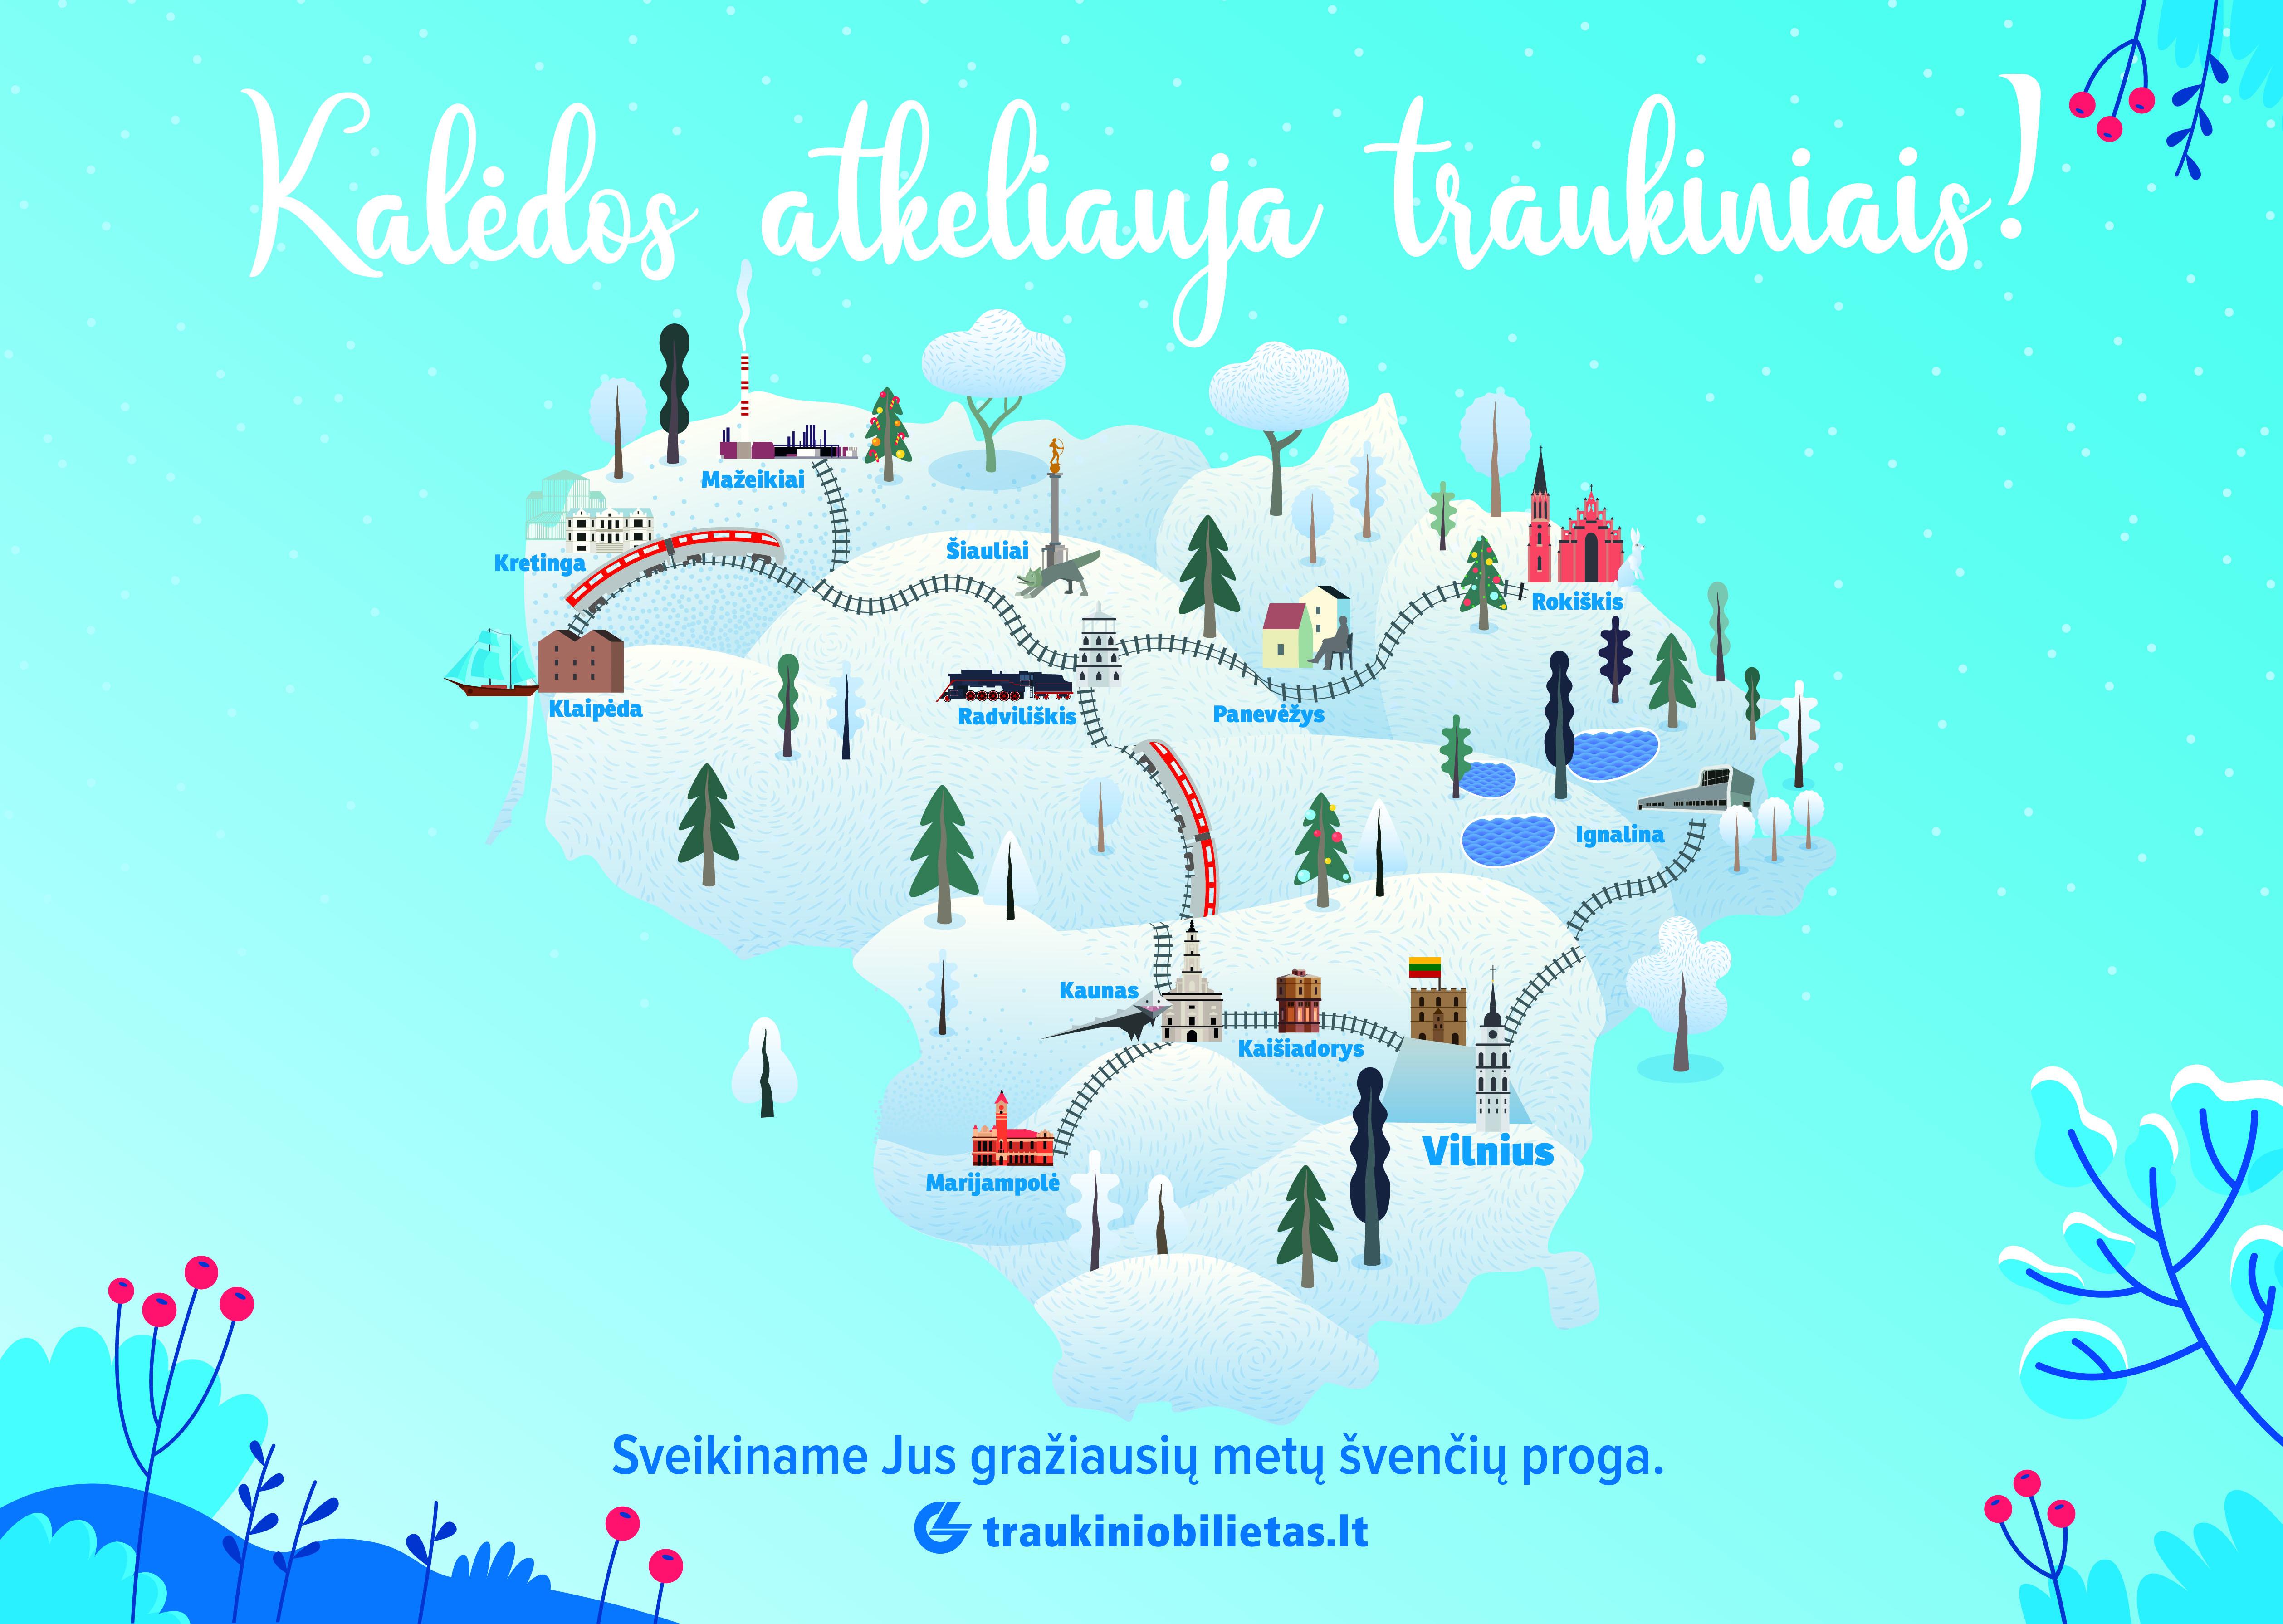 Kalėdos atkeliauja traukiniais: interaktyvus žaidimas ir magiška Kalėdų senelio rezidencija Vilniaus geležinkelio stotyje